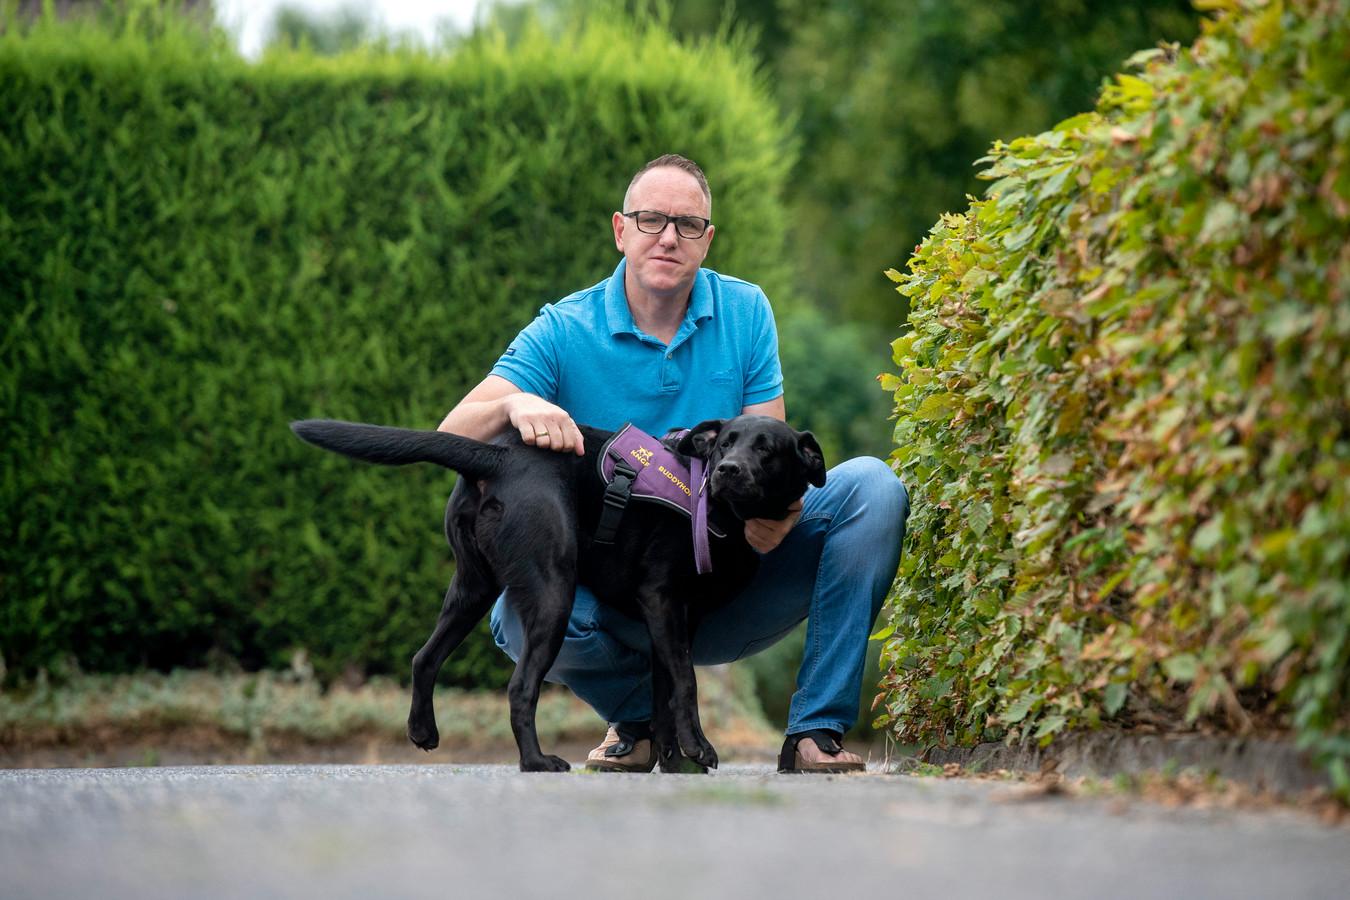 Voetbaltrainer Robert van der Holst van EMM Randwijk met hond Runo.